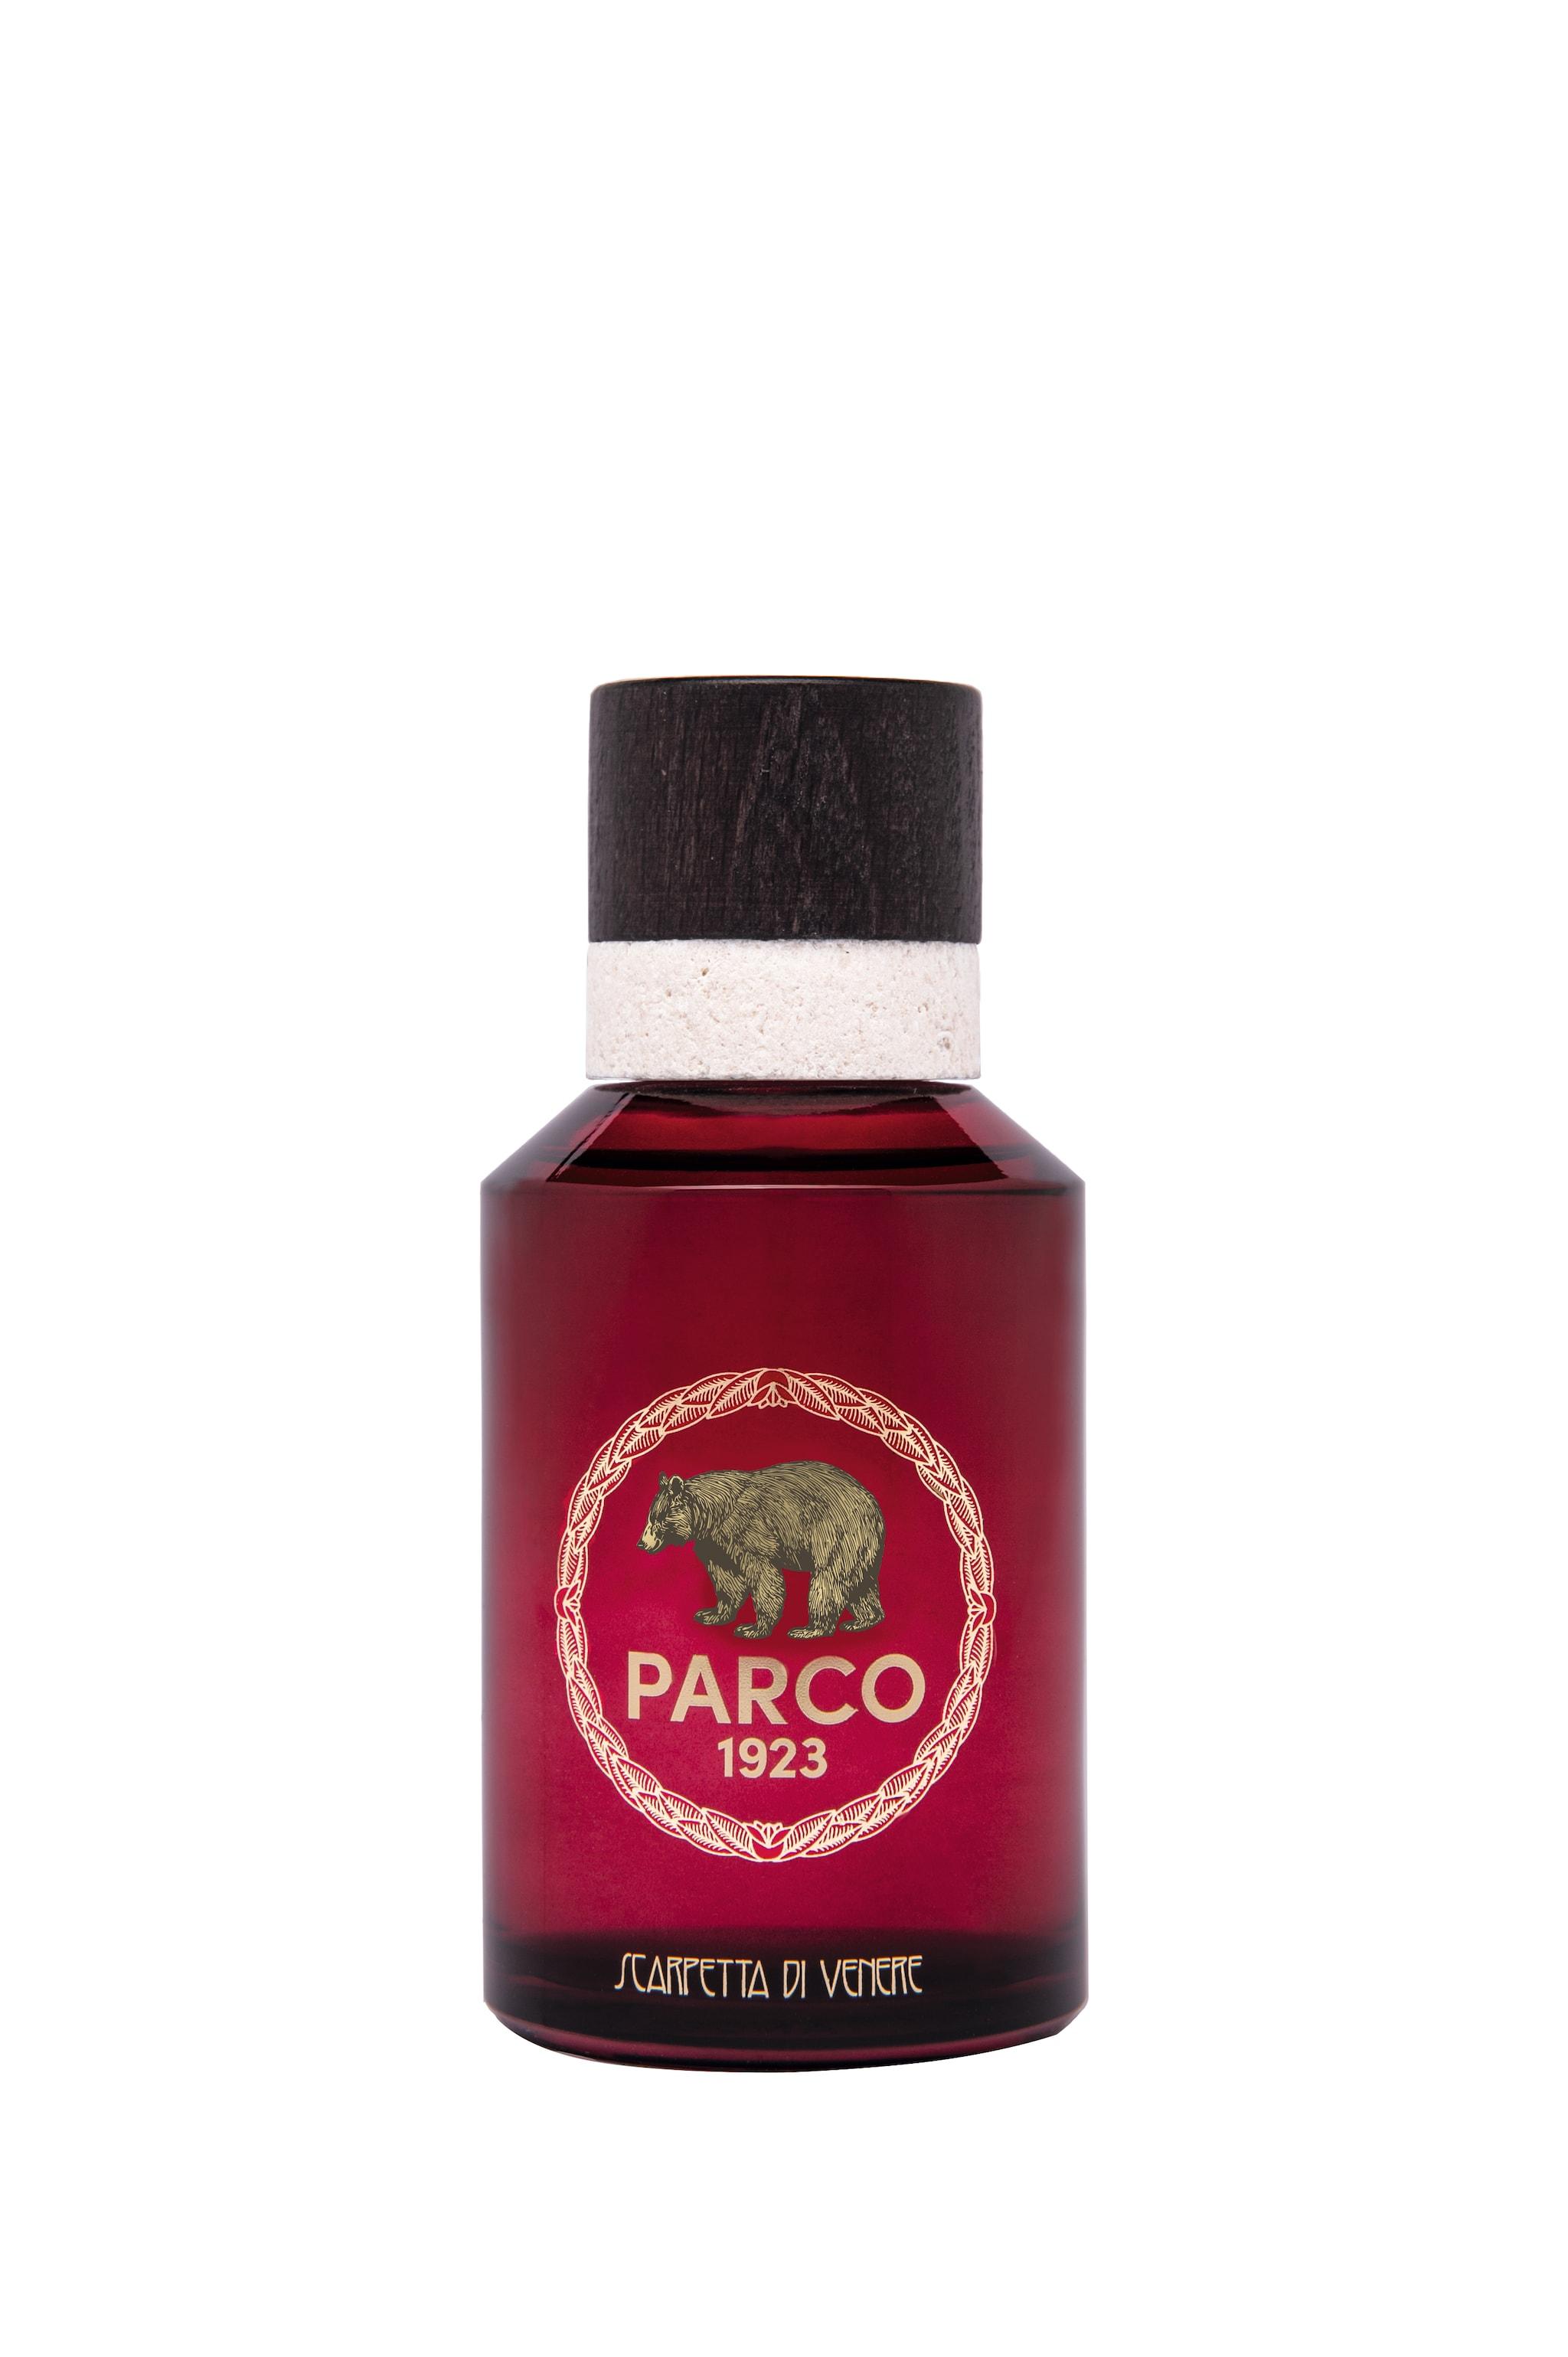 Profumo Scarpetta di Venere dal nome della rara pianta di montagna con note dolci e colore deciso, PARCO 1923 (100 ml, 140 €).